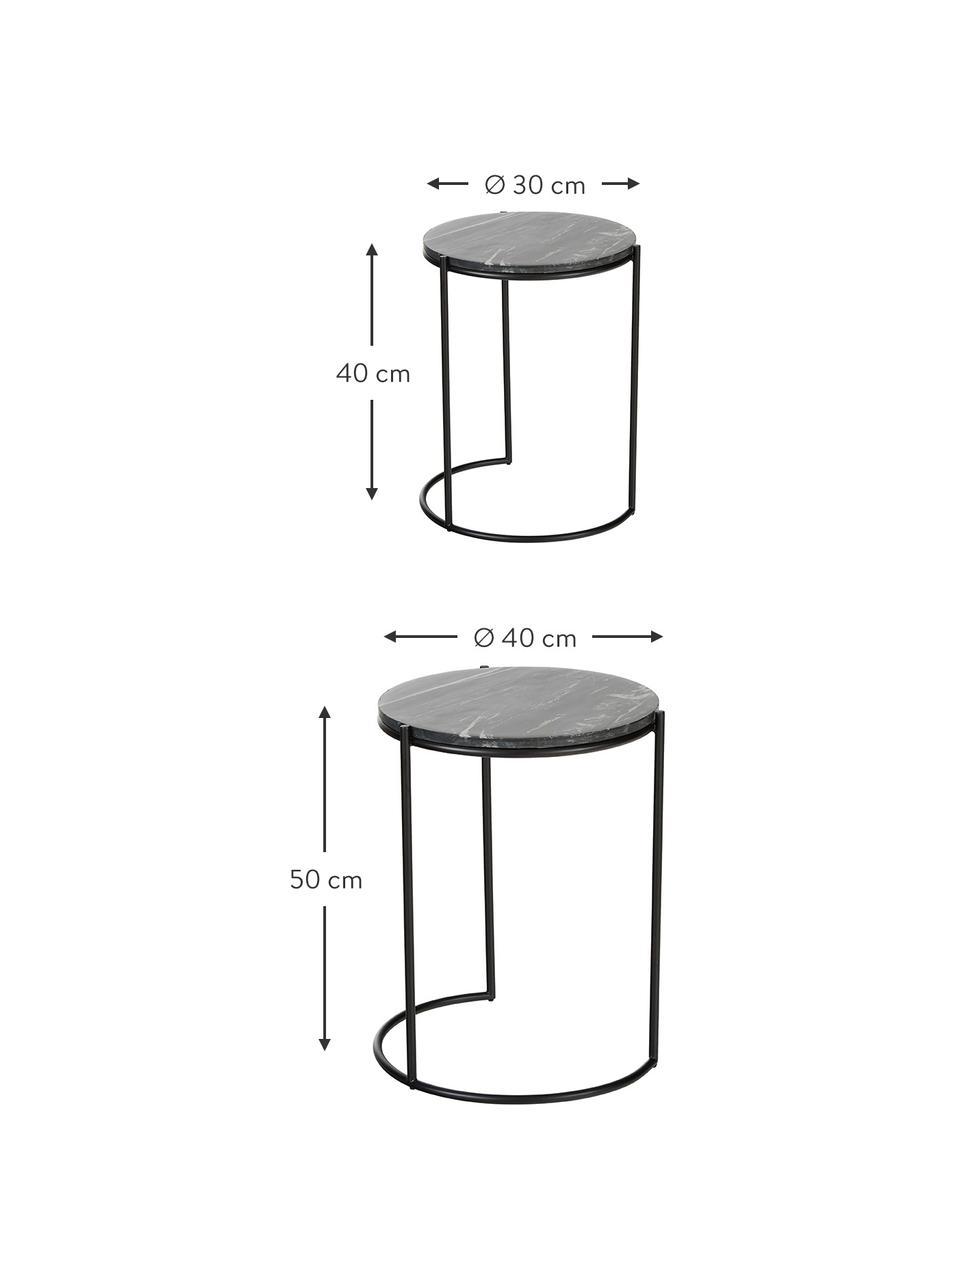 Marmor-Beistelltisch-Set Ella, 2-tlg., Schwarzer Marmor, Schwarz, Sondergrößen